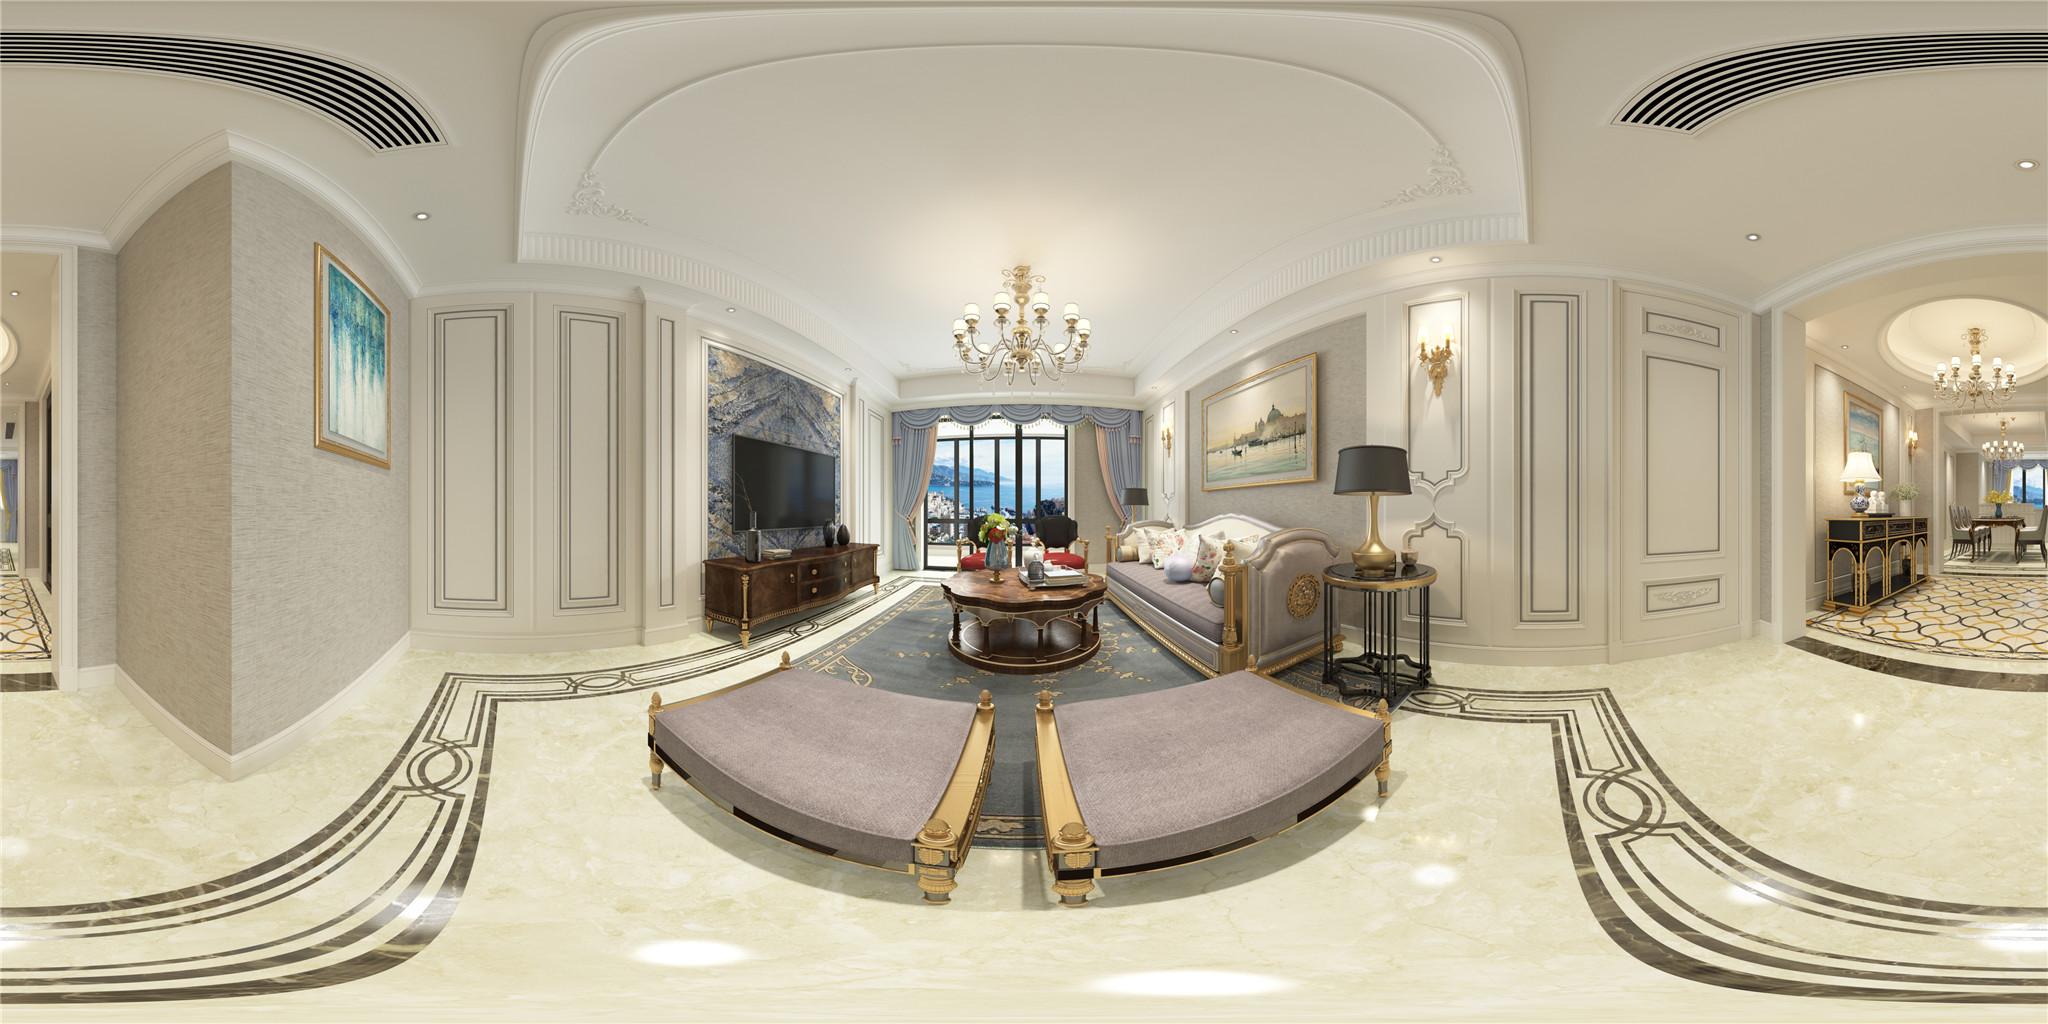 1.会客厅米灰色护墙板与墙布结合,局部点缀孔雀蓝大理石。颜色的对比,材质的结合将古典的家具映衬的别致高贵。